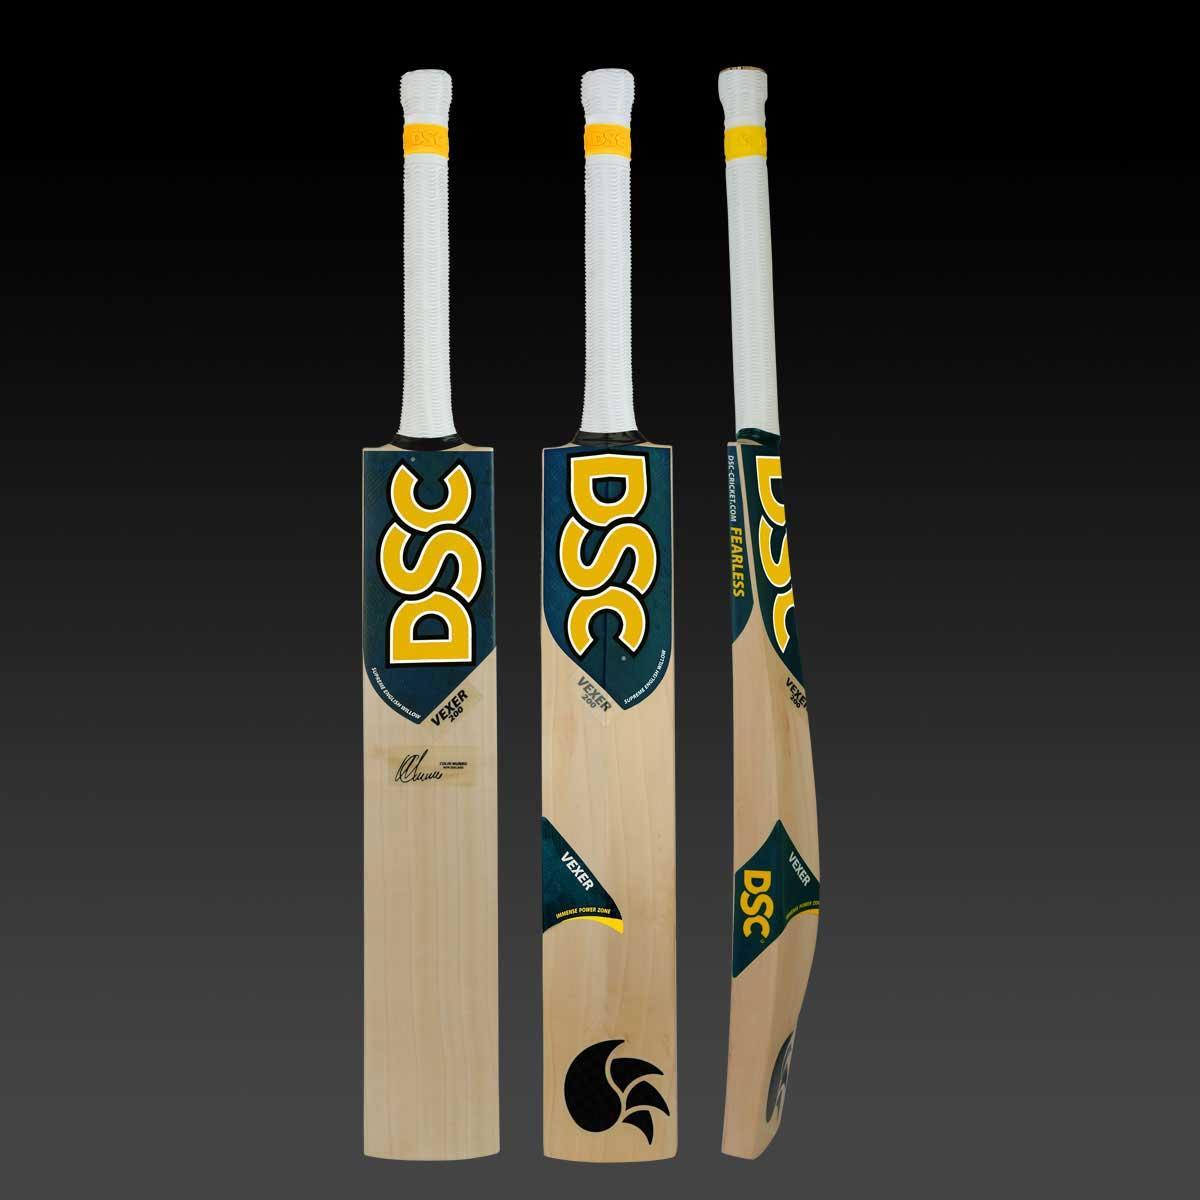 Buy Dsc Vexer 200 Cricket Bat Online India